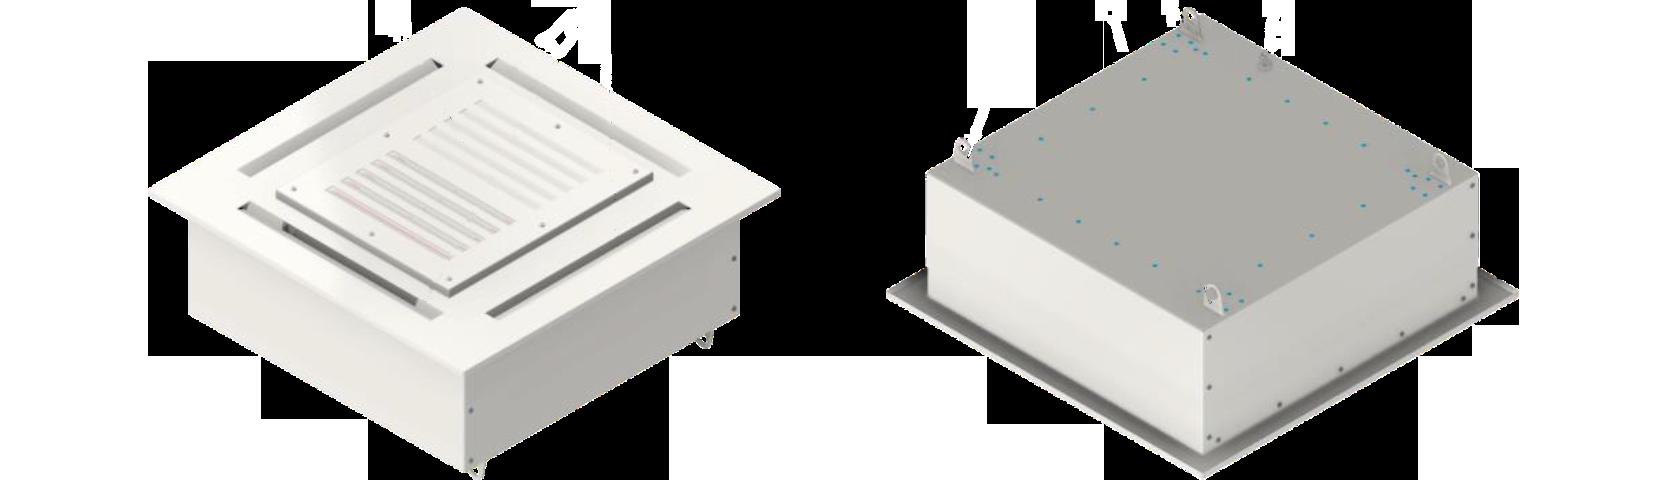 Обеззараживатель воздуха ТИОКРАФТ VR400 (потолочное  решение)